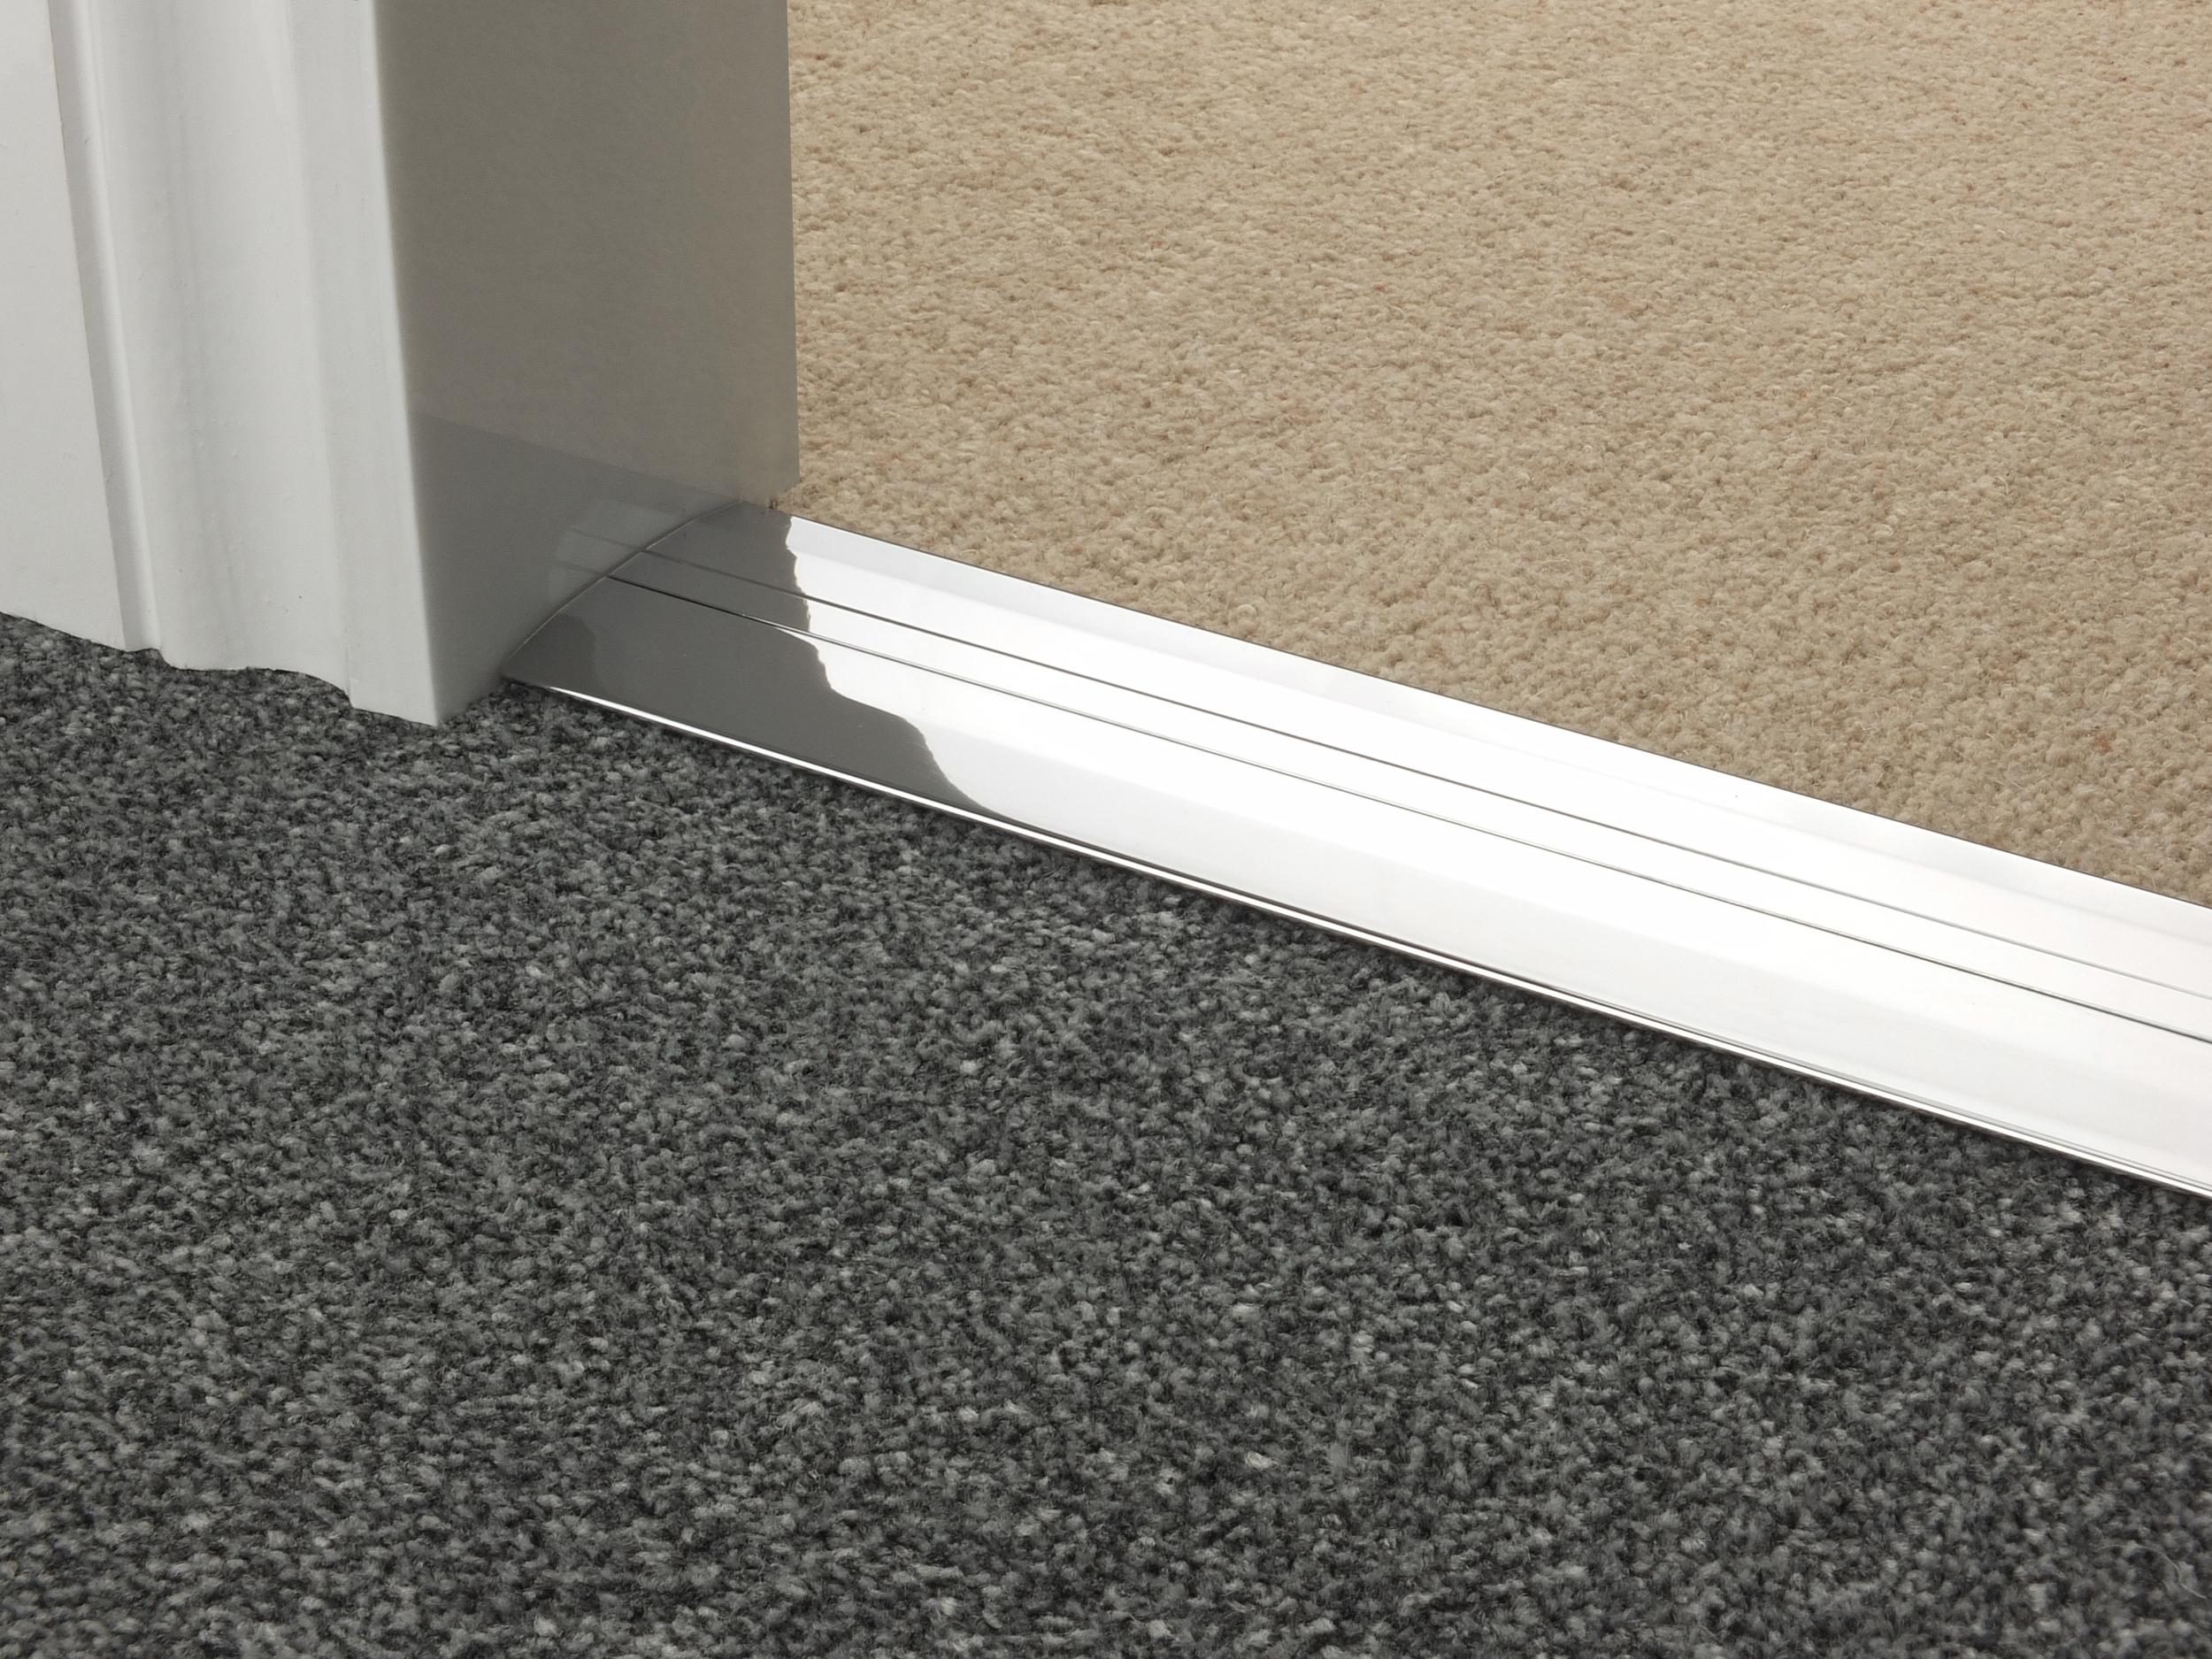 door_bar_chrome_posh55_carpet_carpet.jpg